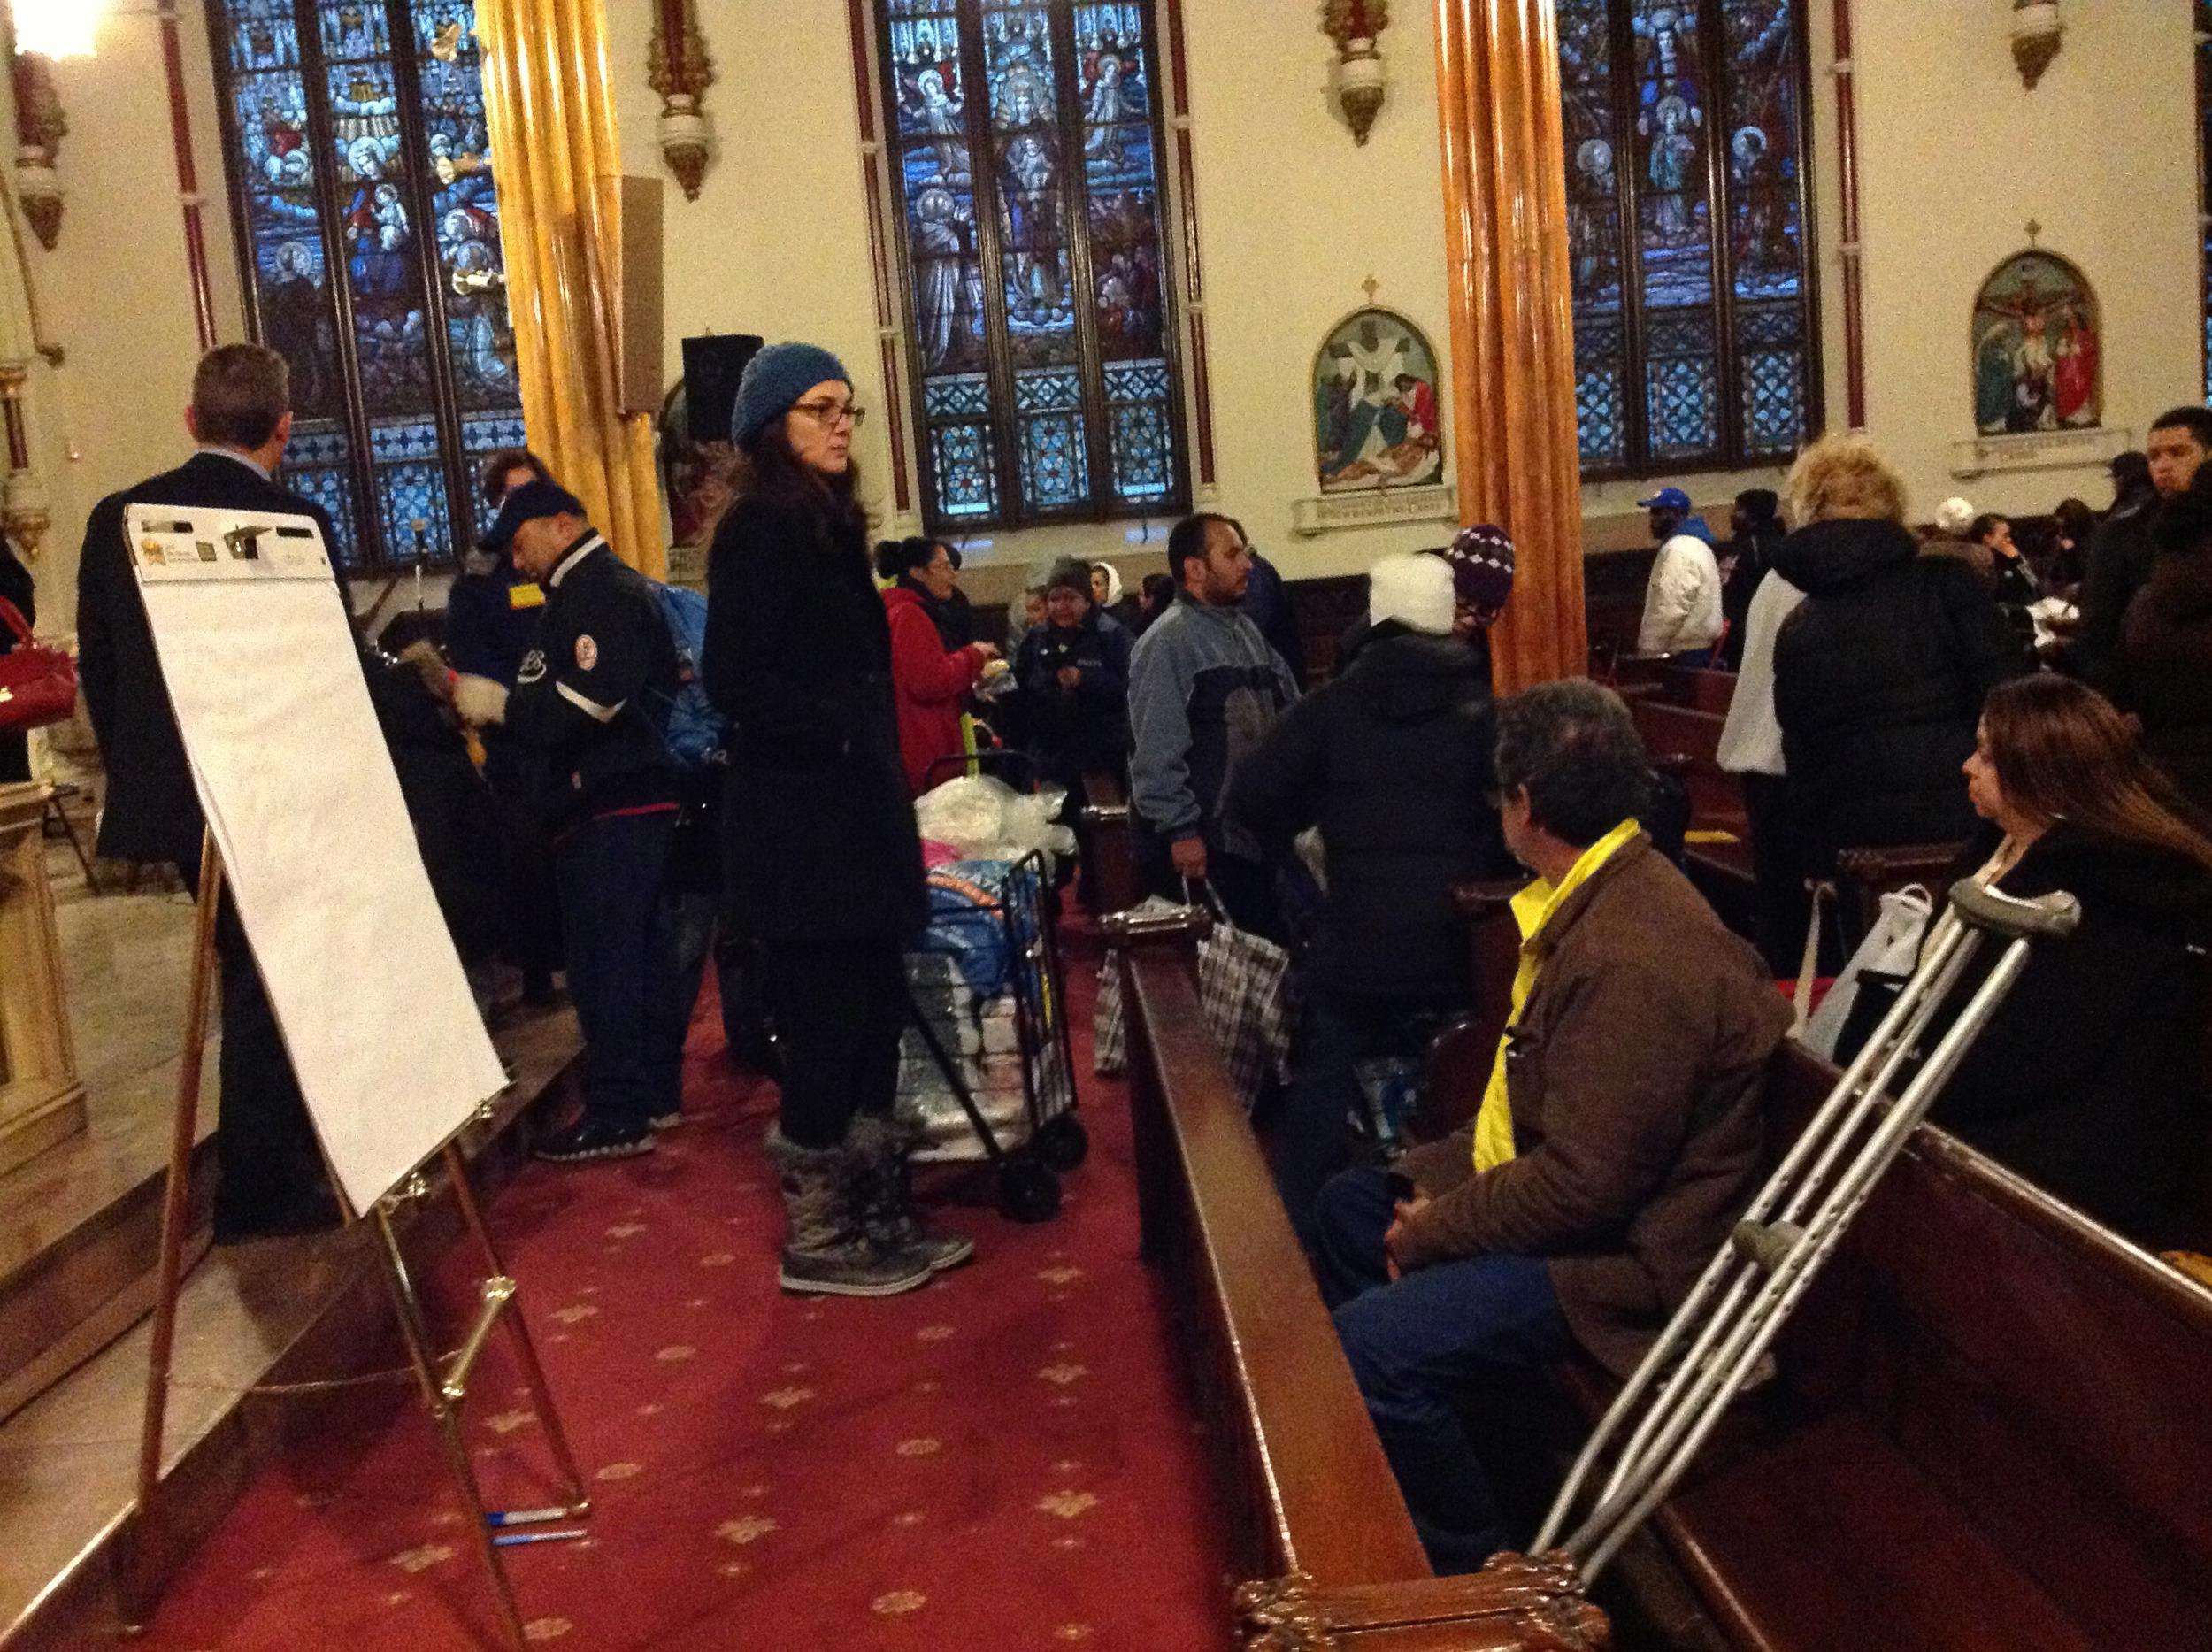 The queue for aid supplies inside Visitation Church